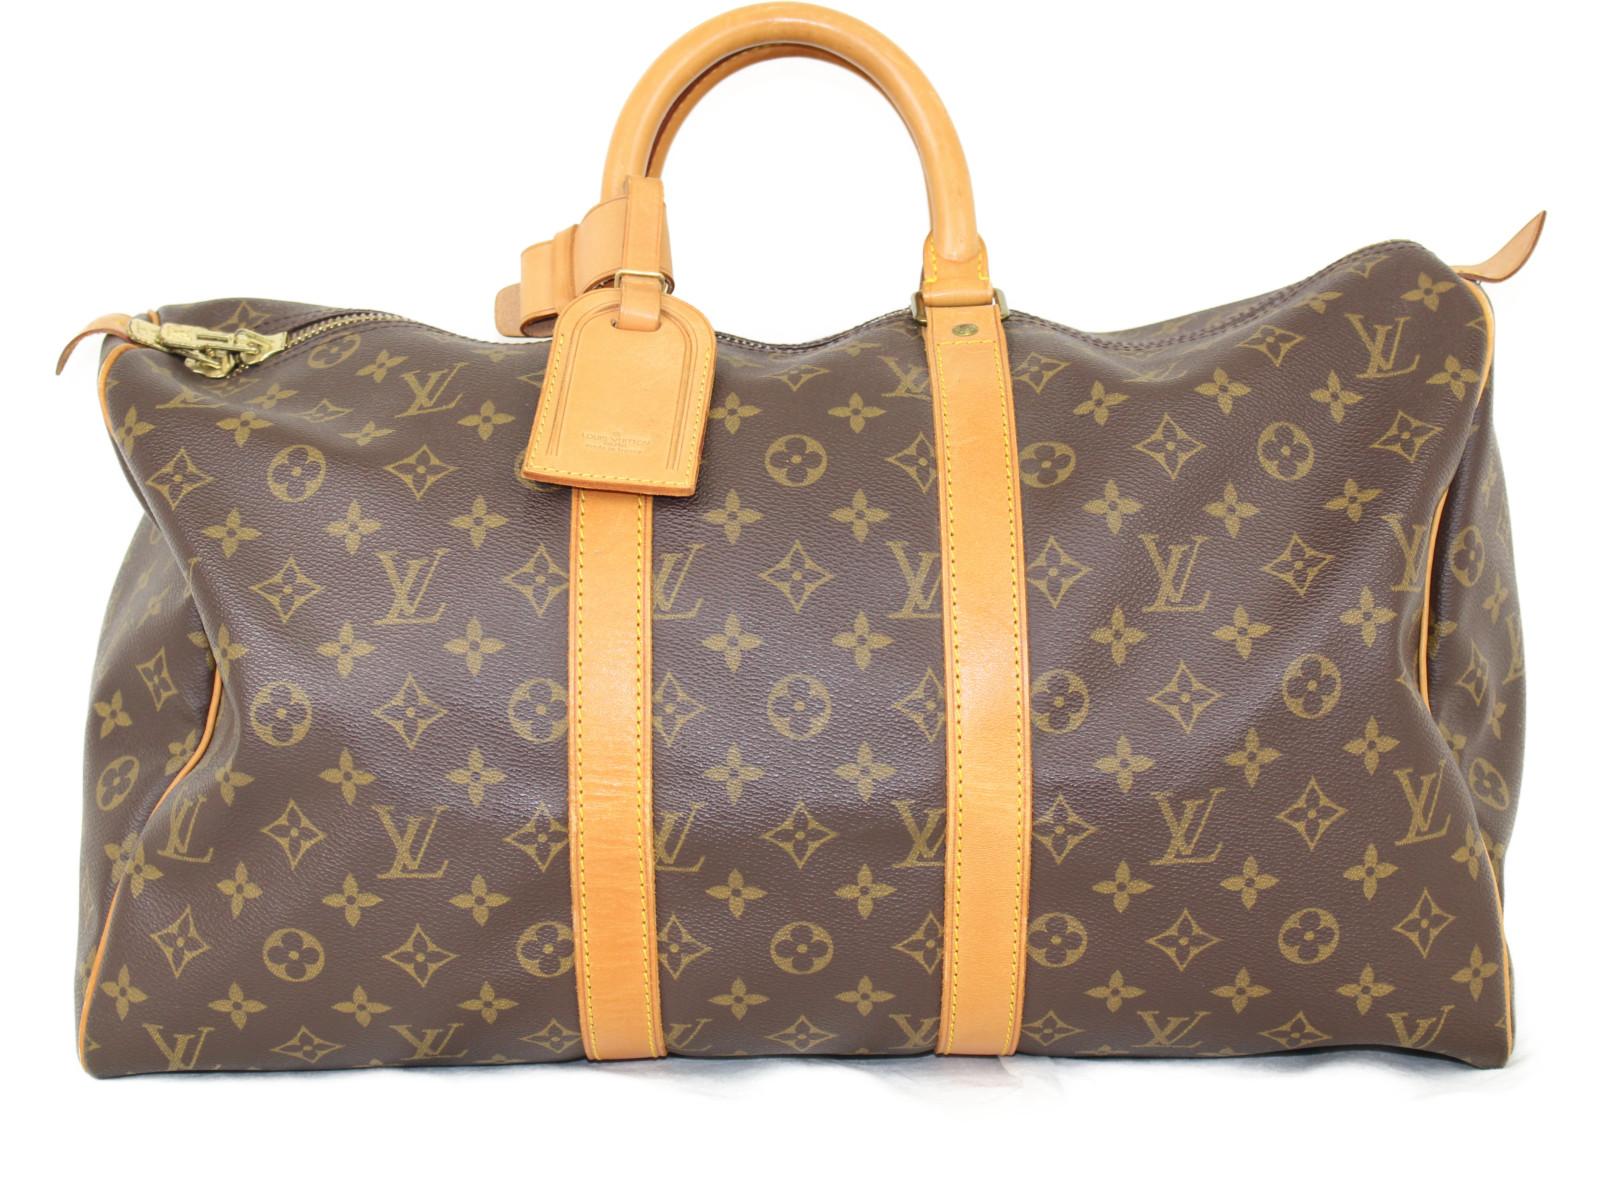 LOUIS VITTON ルイヴィトン キーポル45 M41428 モノグラム/ブラウン×ベージュ キャンバス レディース メンズ ユニセックス 旅行バッグ